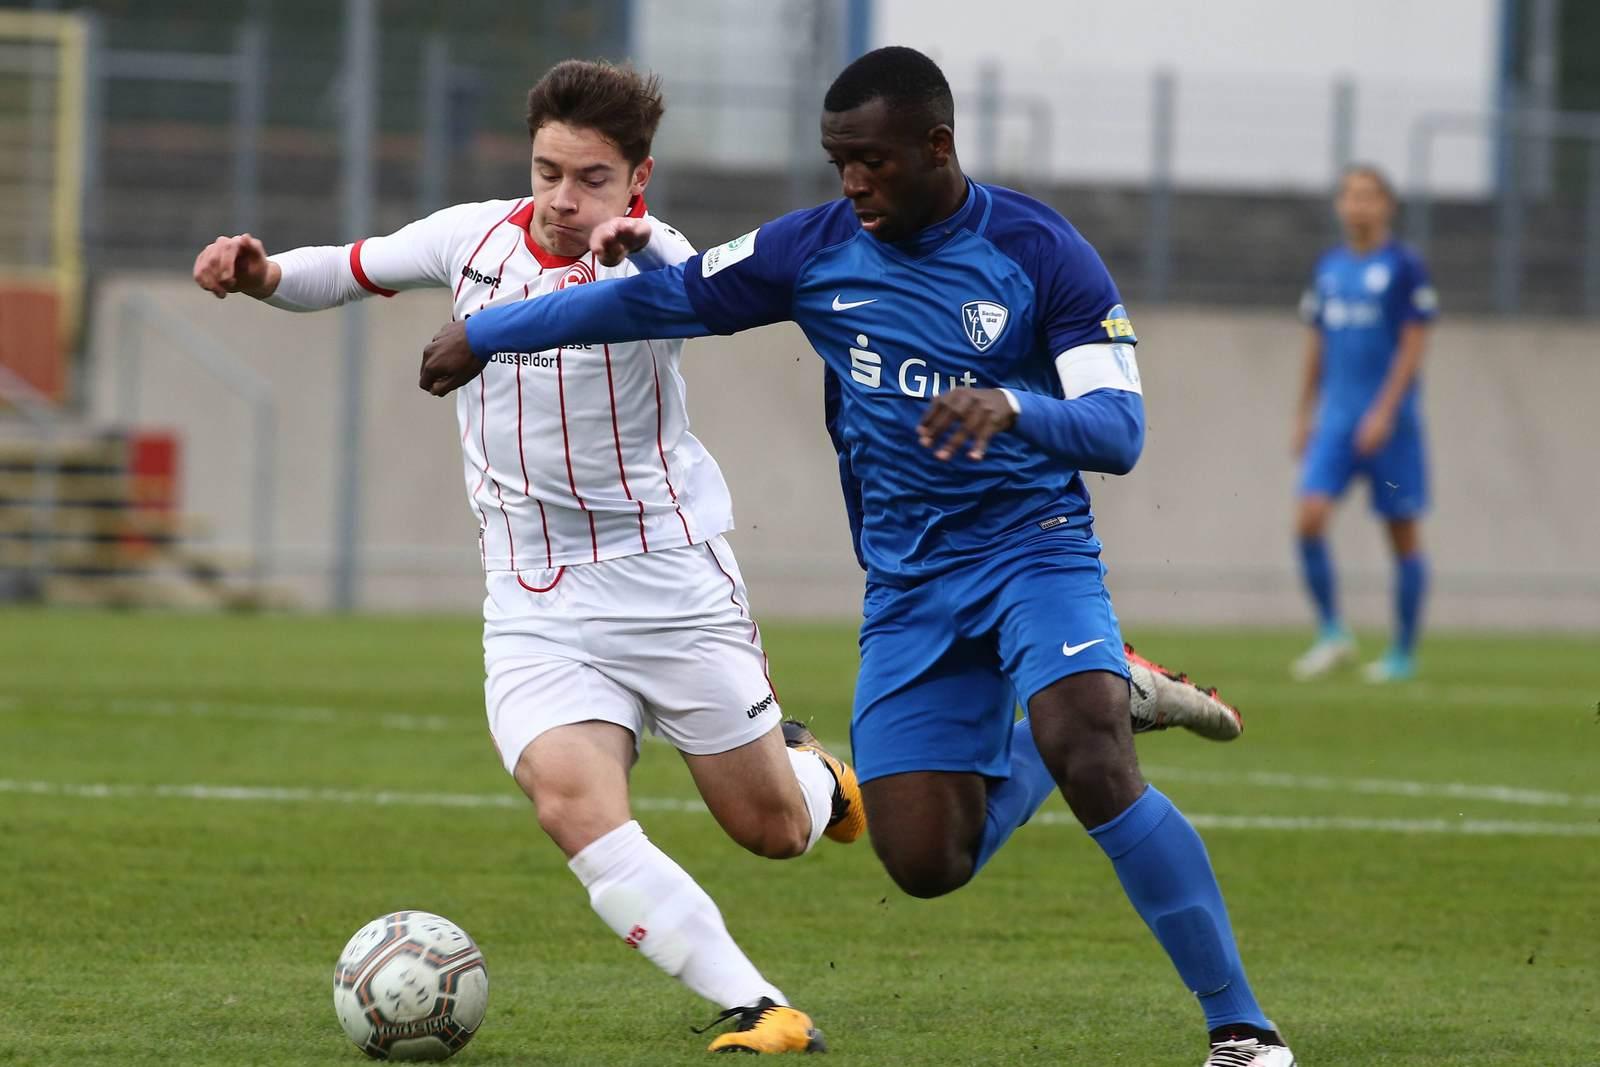 Ulrich Bapoh vom VfL Bochum im Spiel gegen Fortuna Düsseldorf